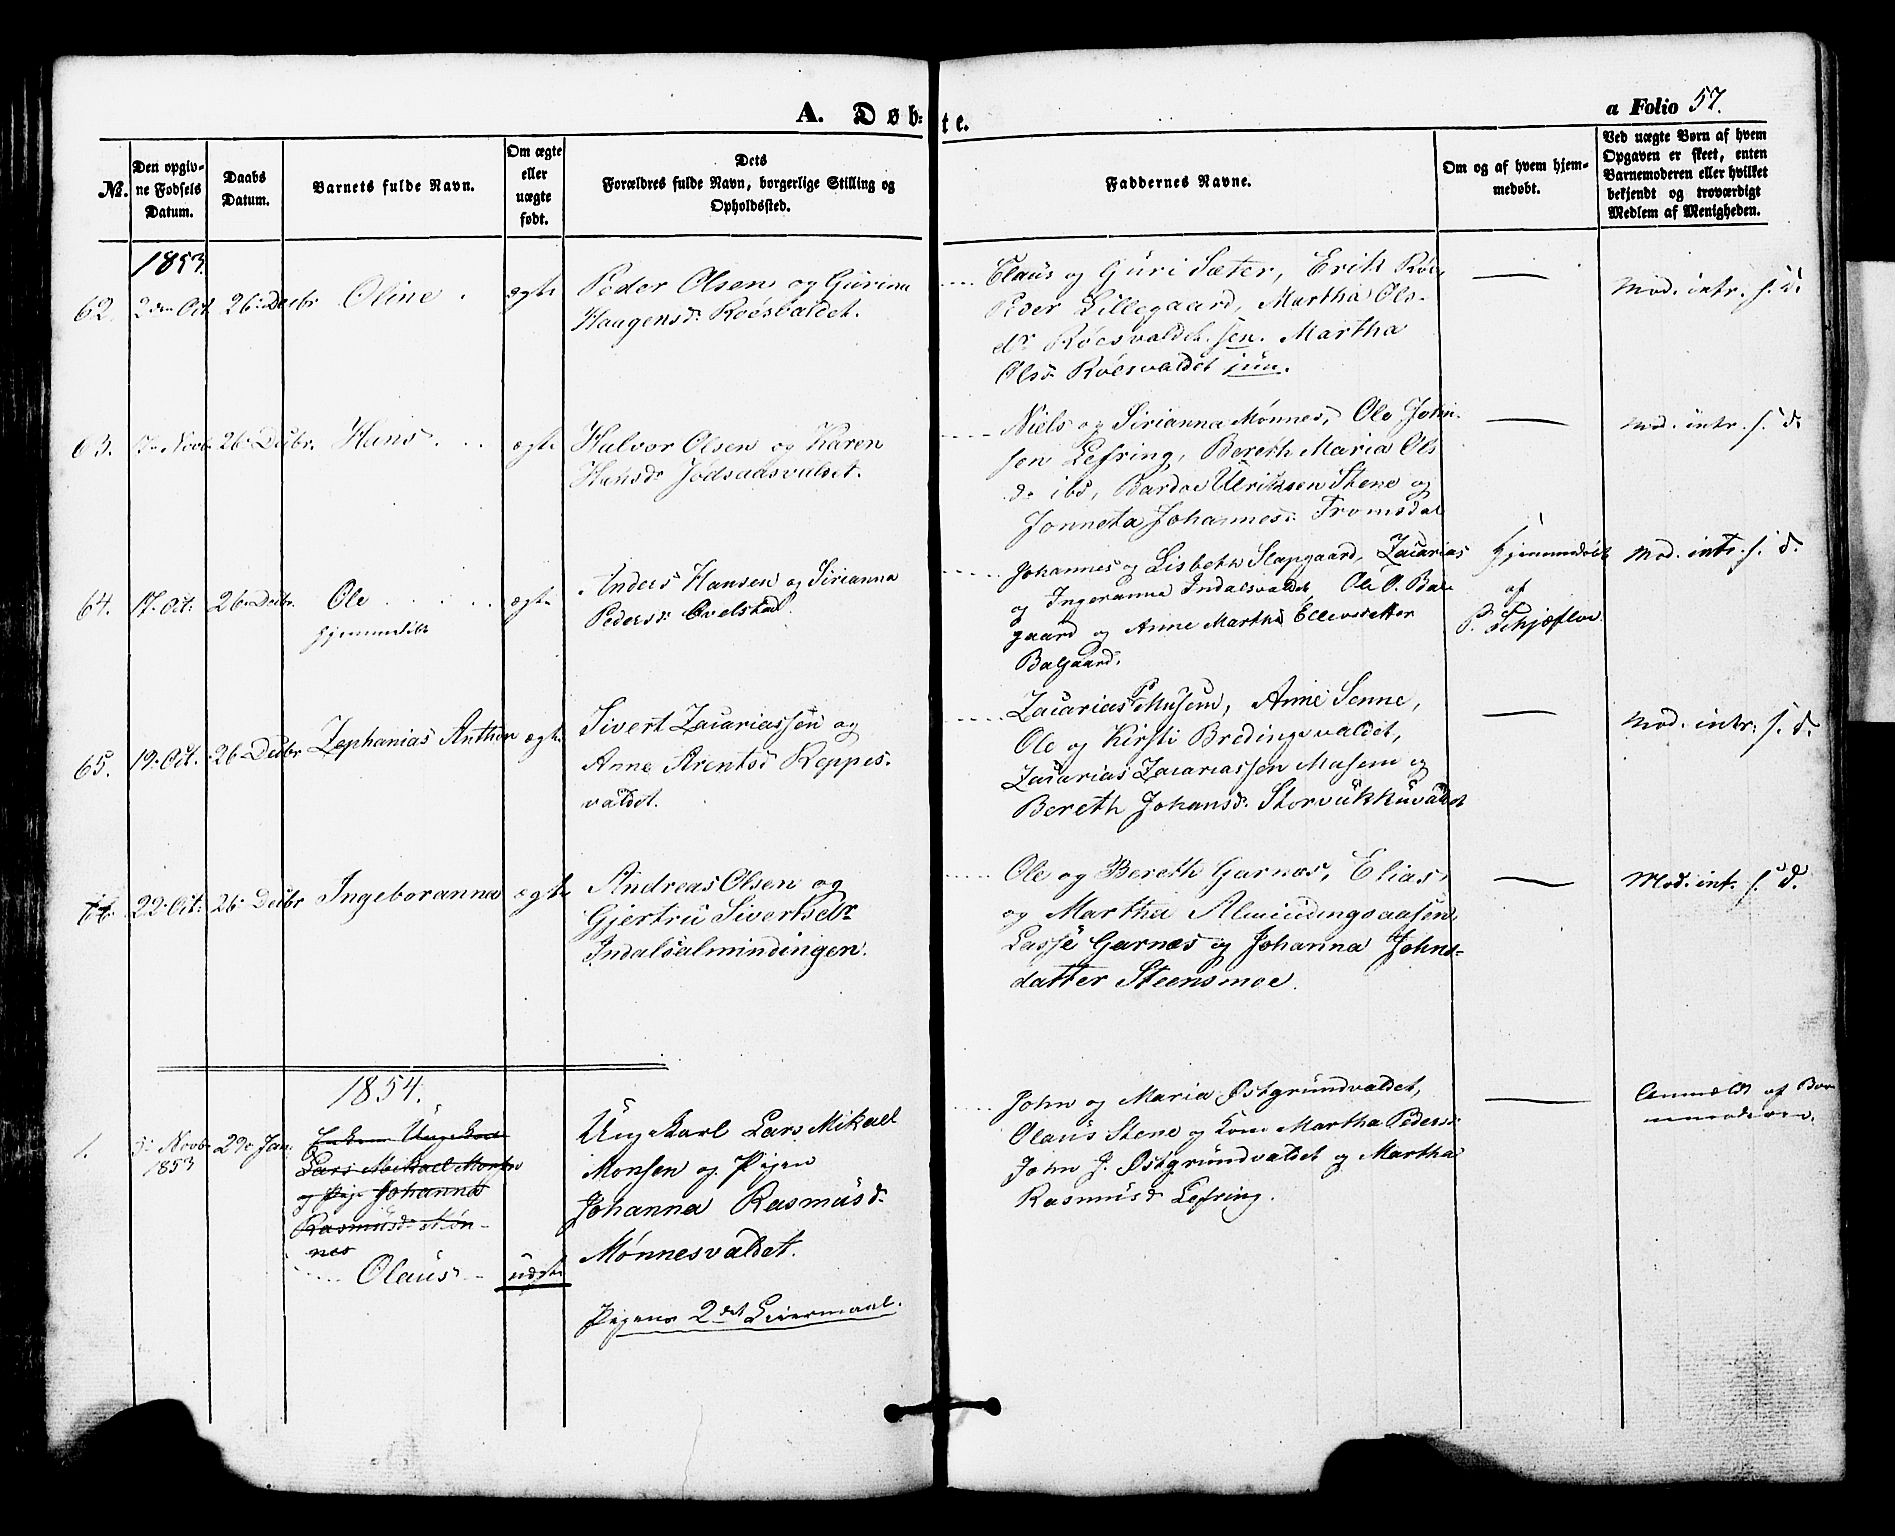 SAT, Ministerialprotokoller, klokkerbøker og fødselsregistre - Nord-Trøndelag, 724/L0268: Klokkerbok nr. 724C04, 1846-1878, s. 57